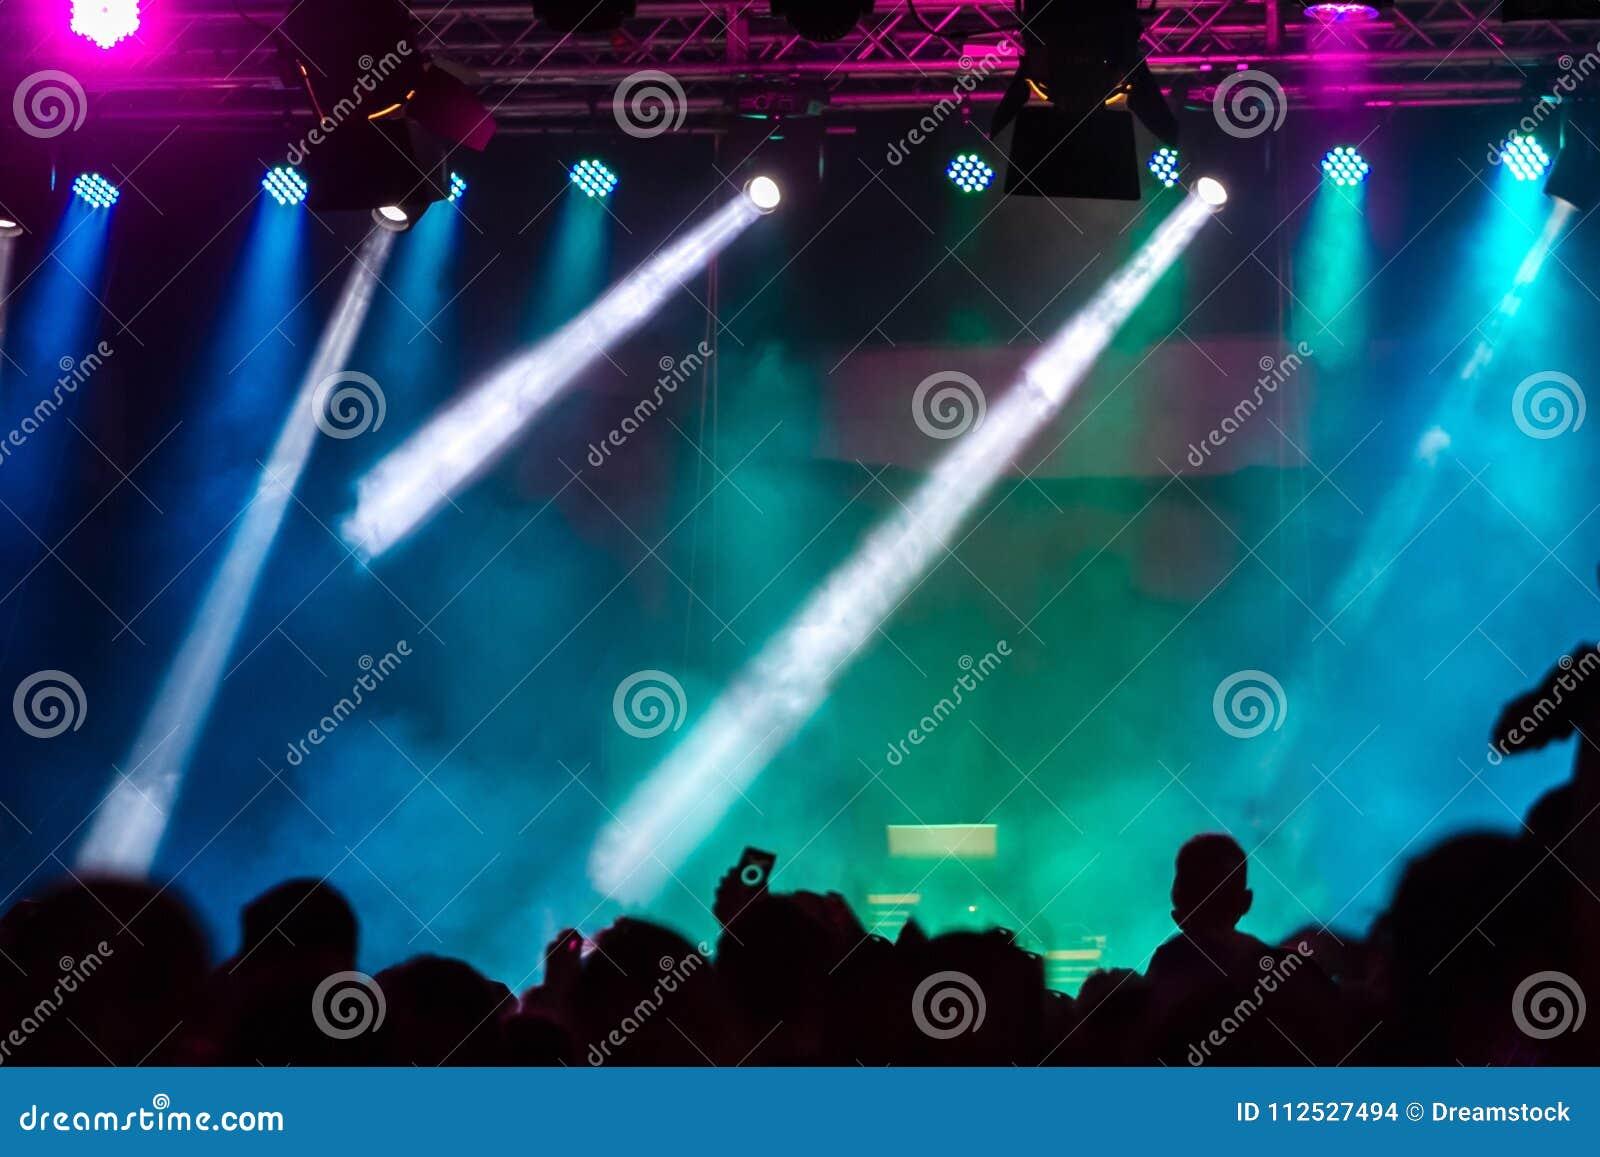 Concierte a la muchedumbre que asiste a un concierto, gente que las siluetas son visibles, retroiluminado por las luces de la eta